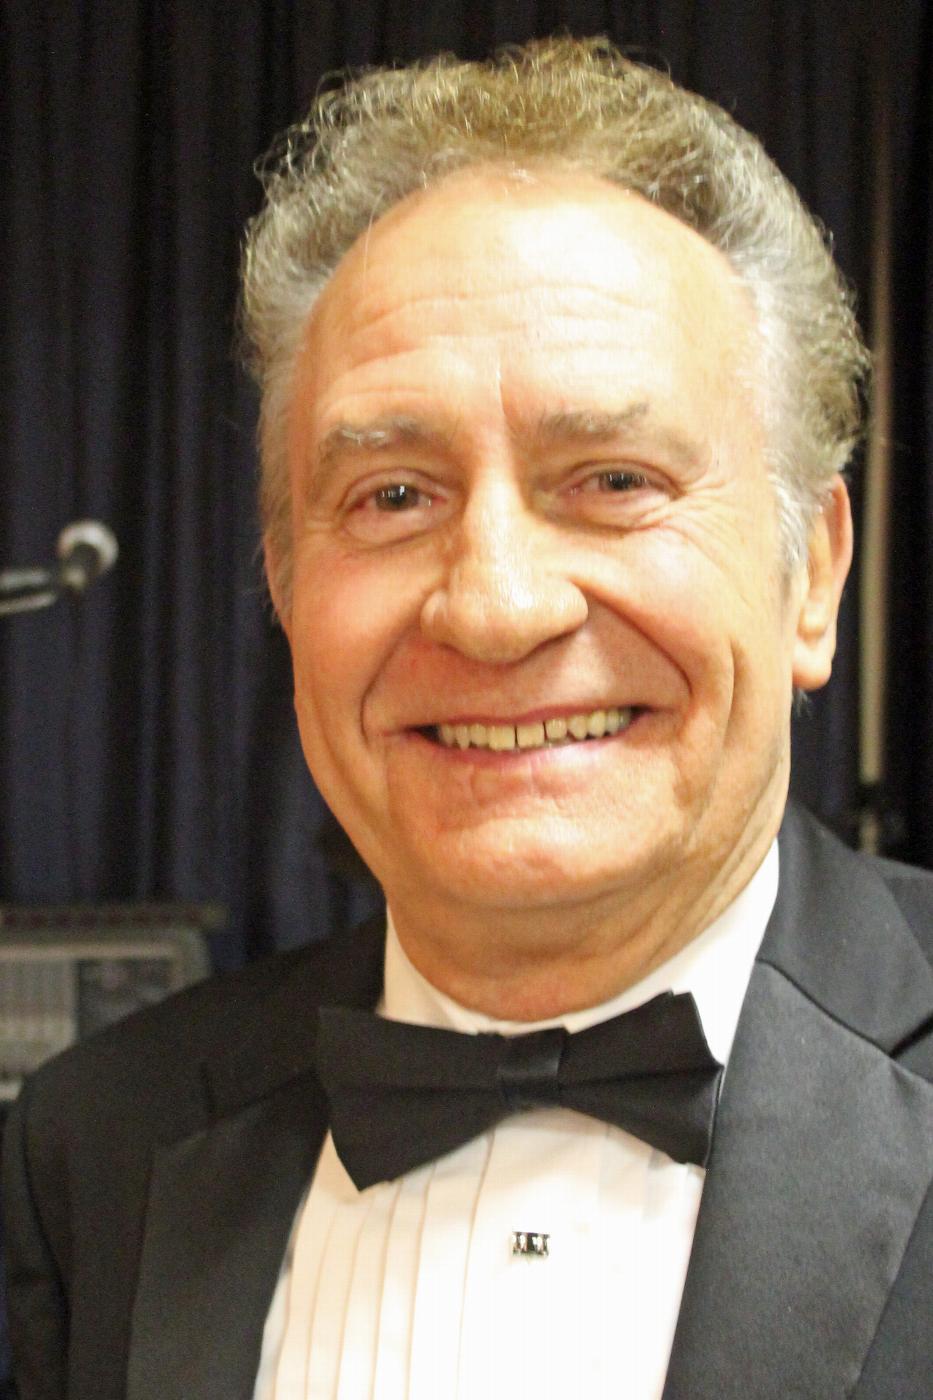 PER Robert Lewkowitz